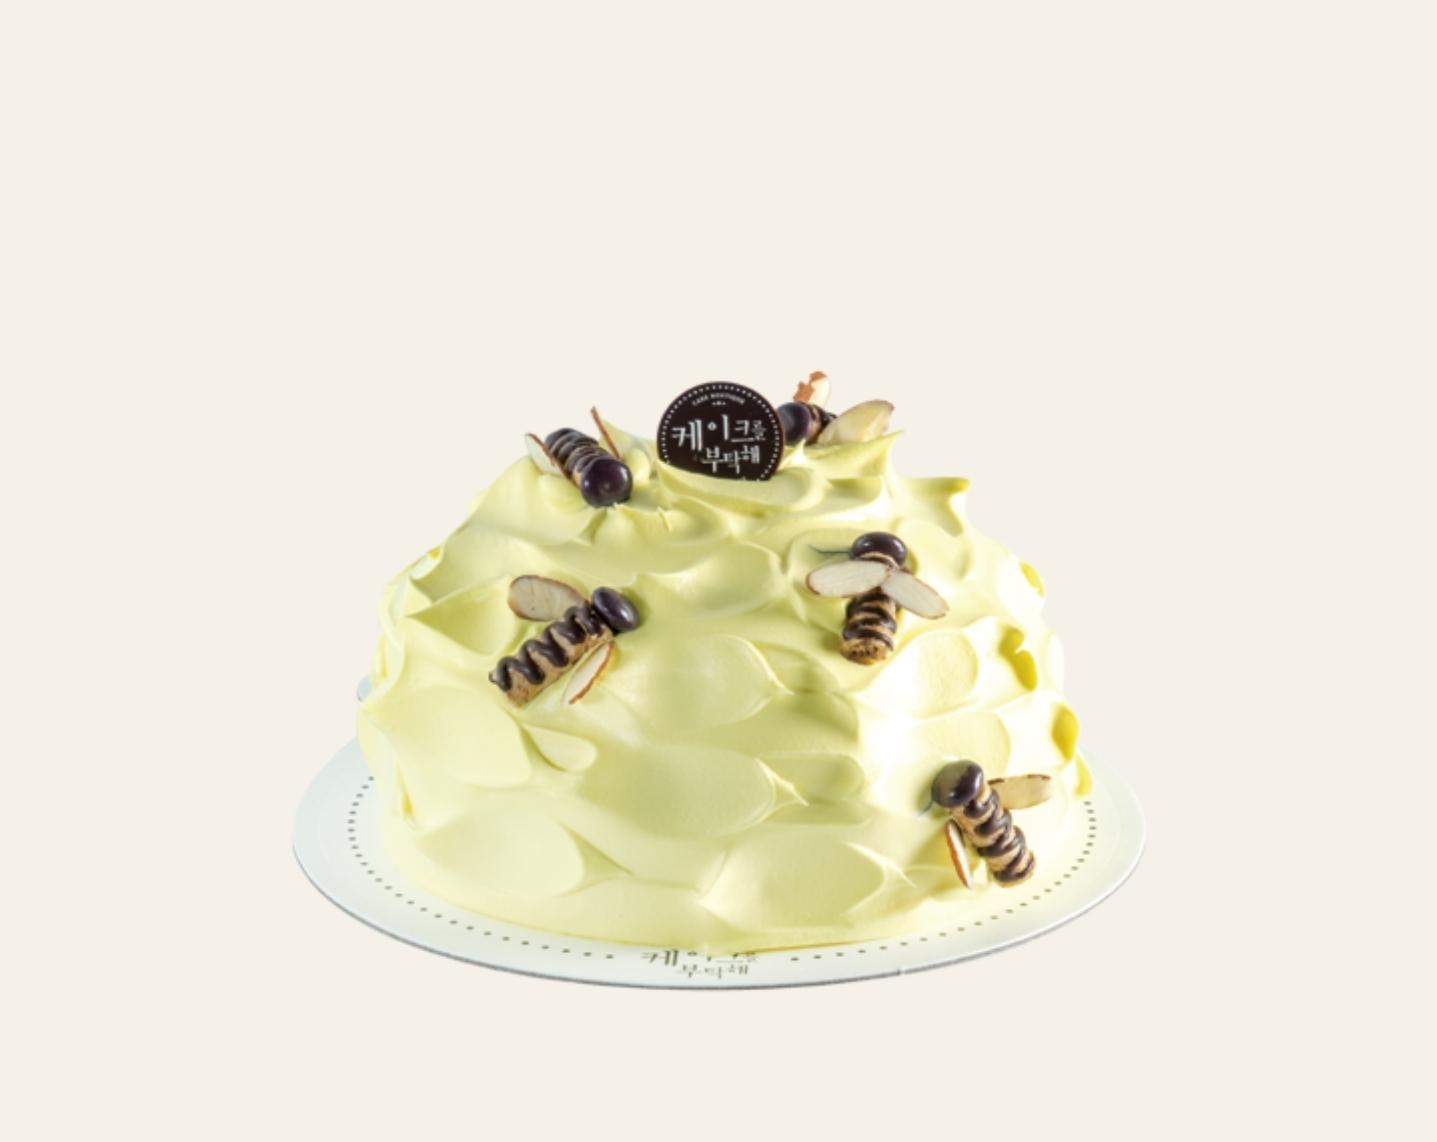 꿀바나나 케이크